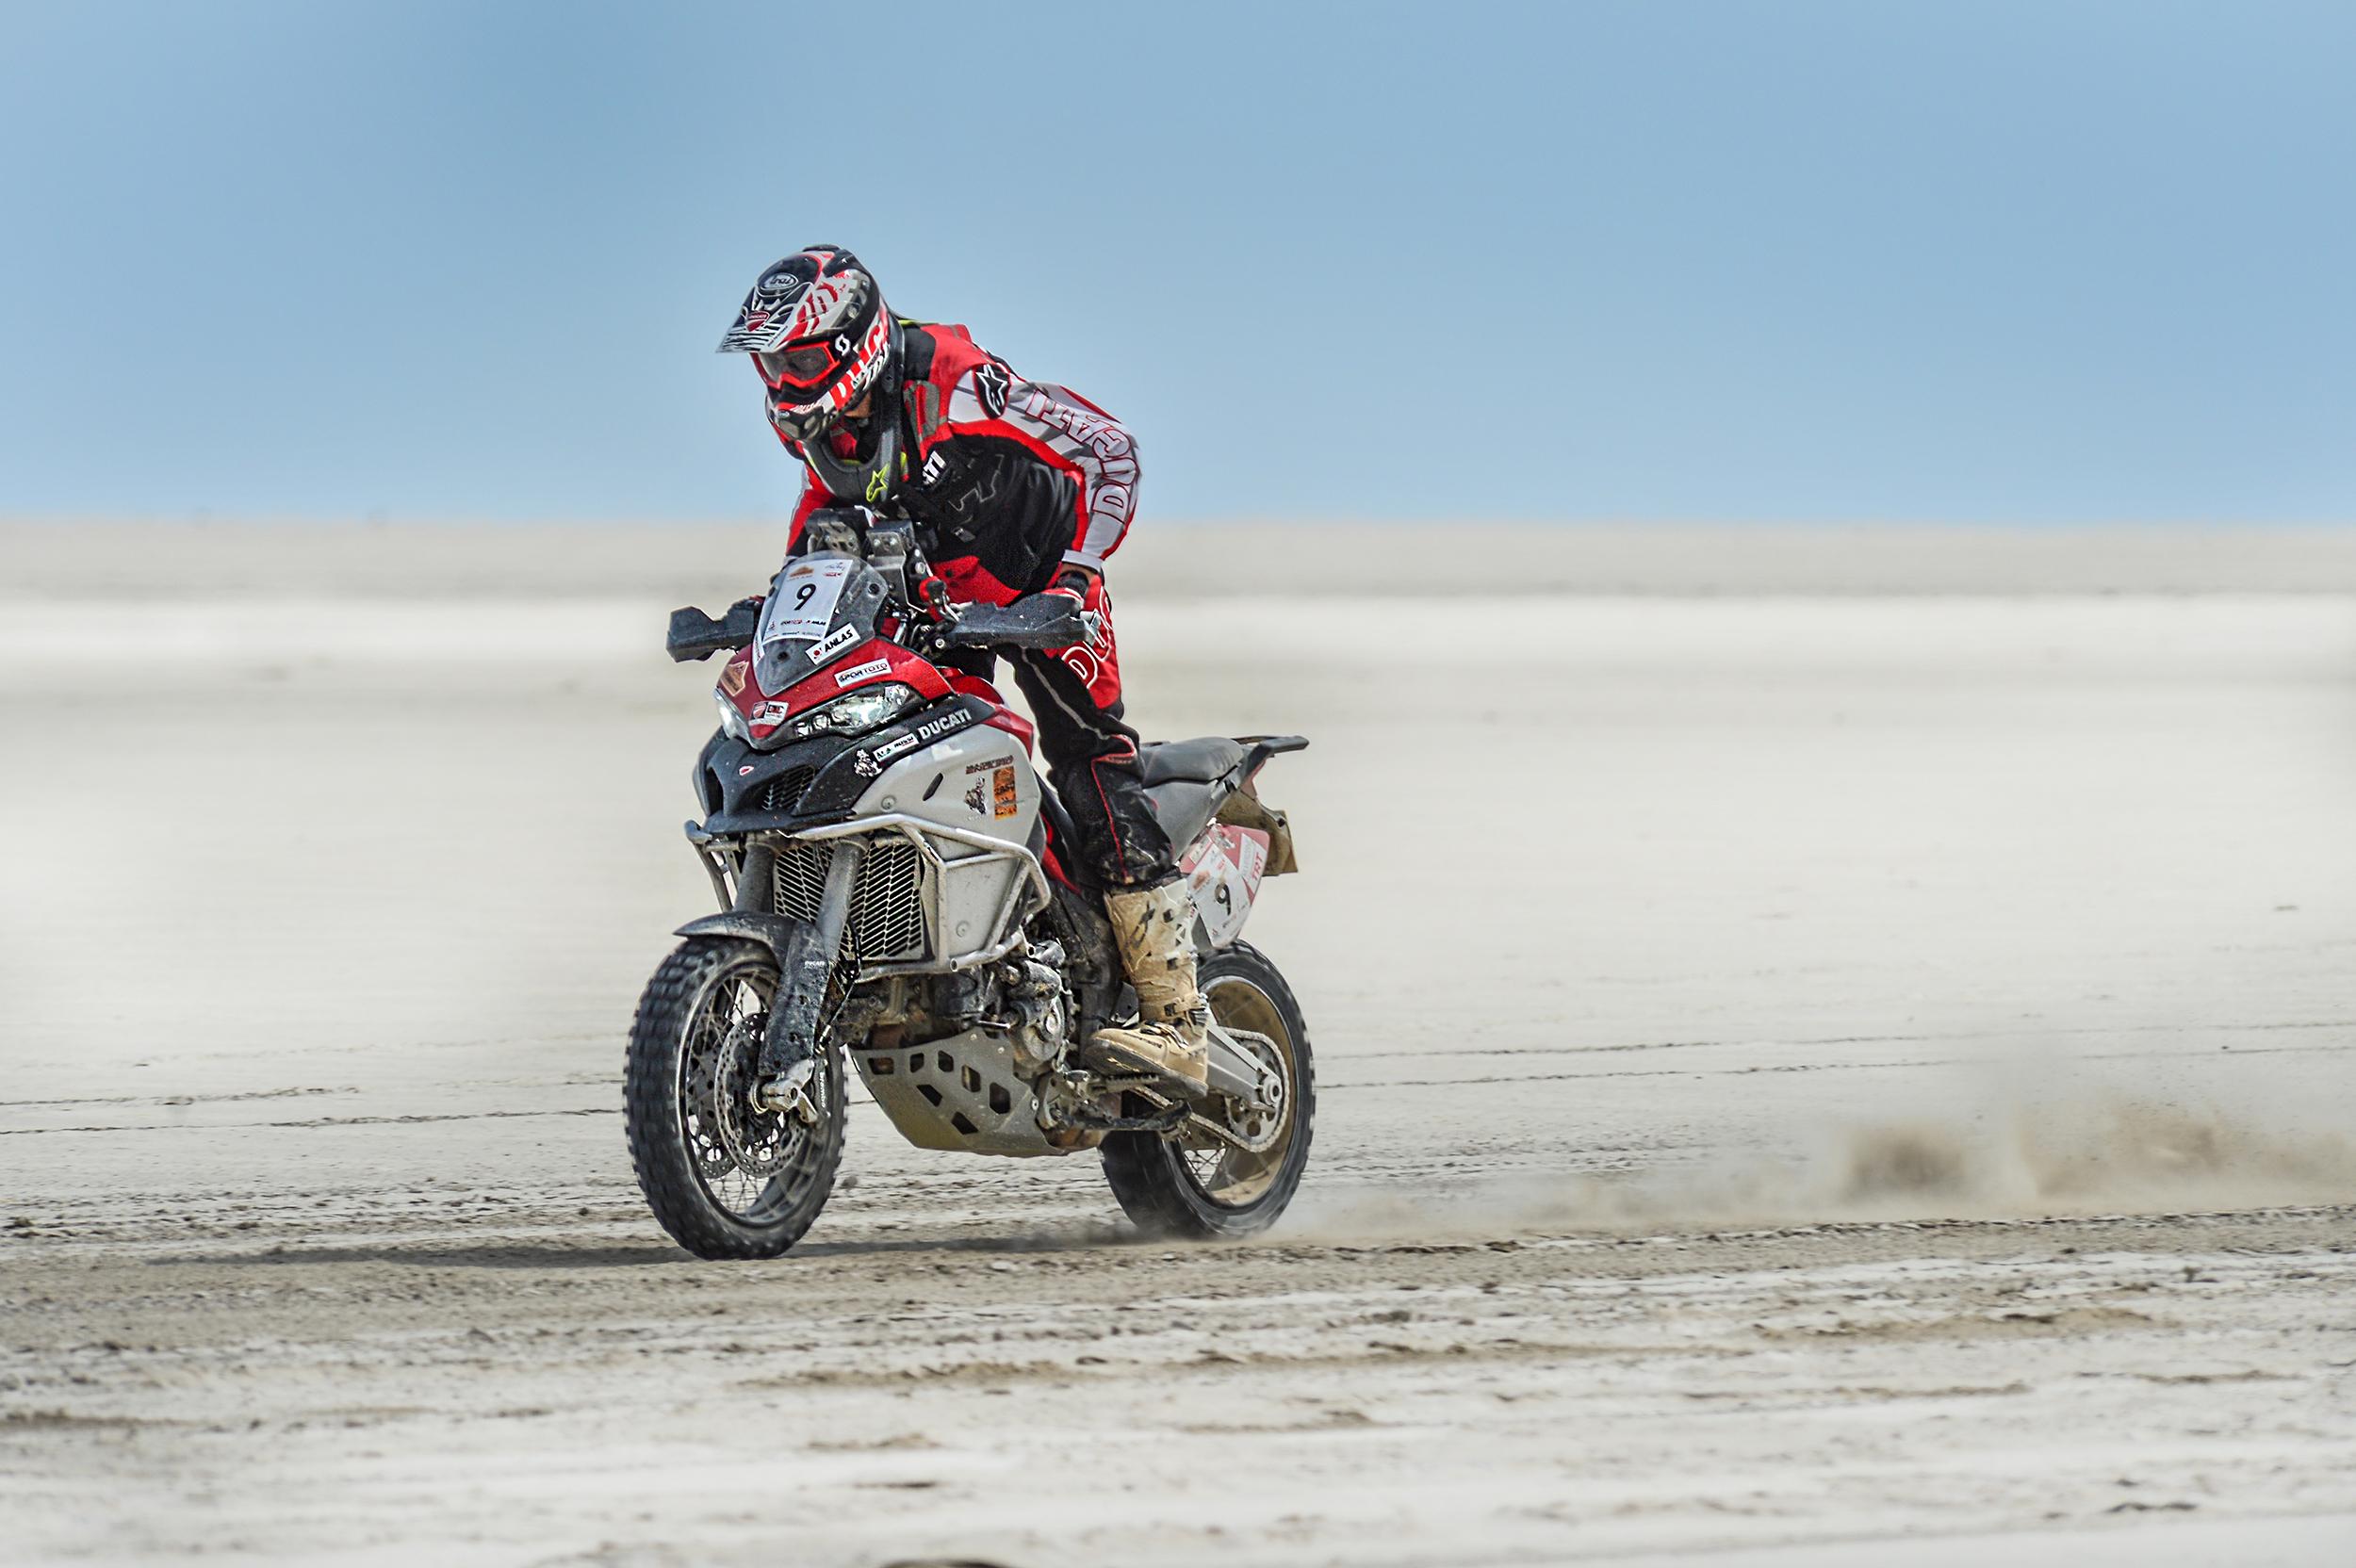 Ducati_TransanatoliaRally2020_Multistrada1260Enduro_Andrea Rossi (3)